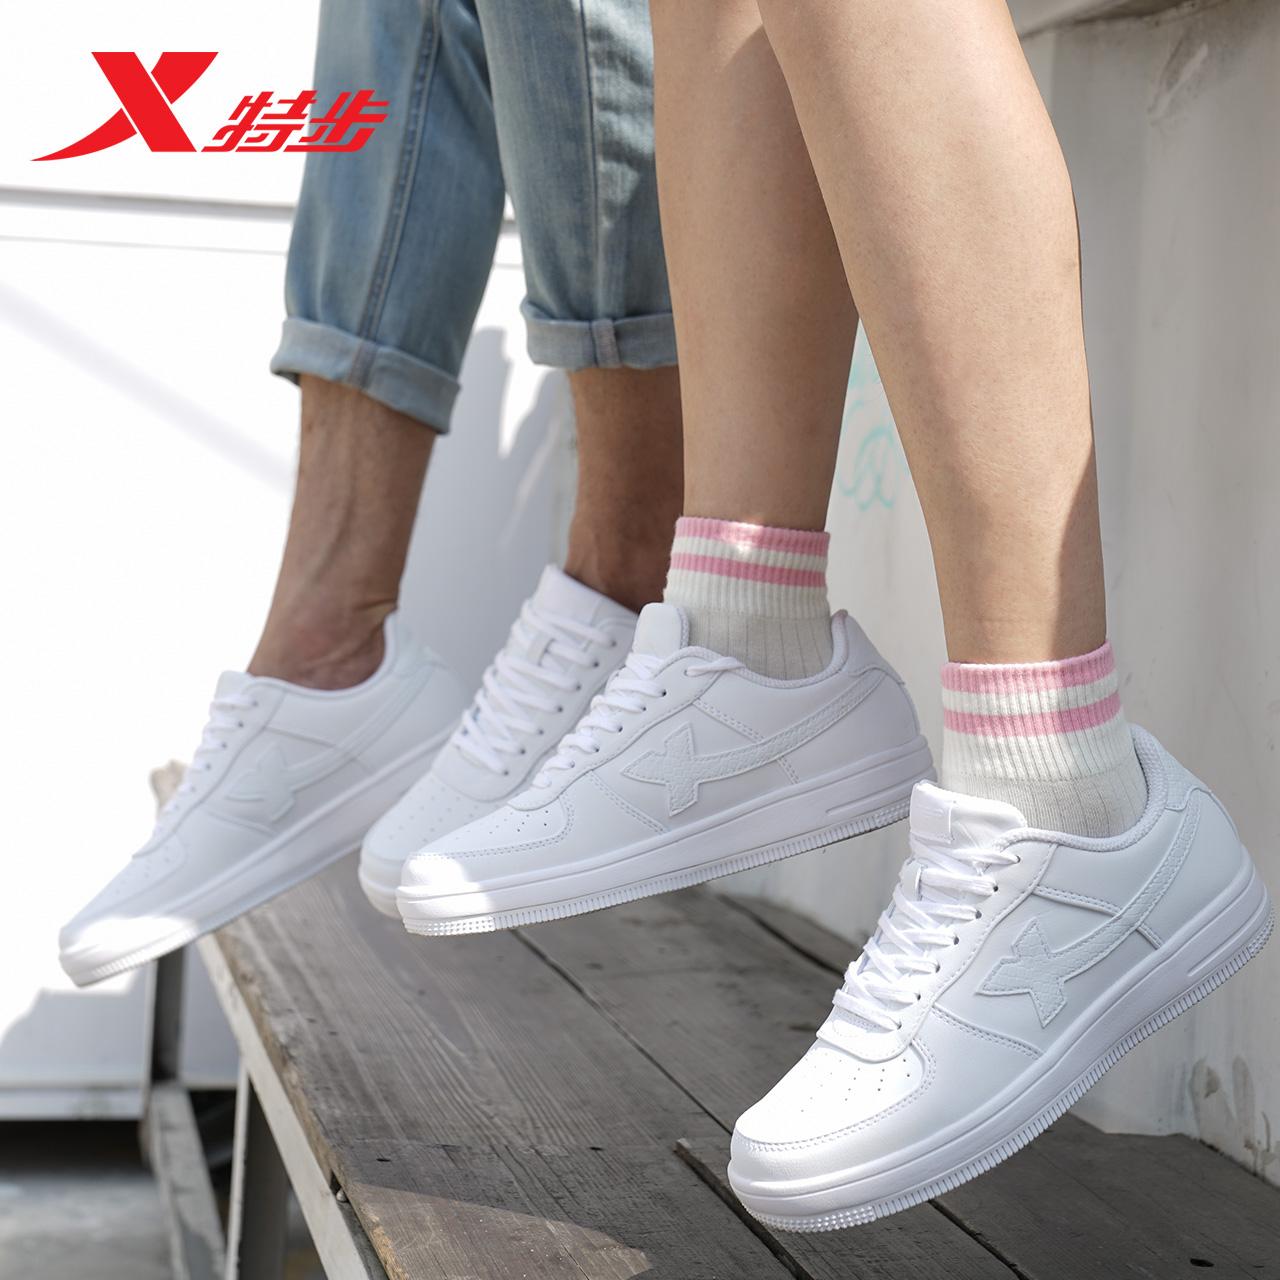 特步女鞋板鞋女休闲鞋春季时尚运动鞋女子潮流百搭运动鞋小白鞋子